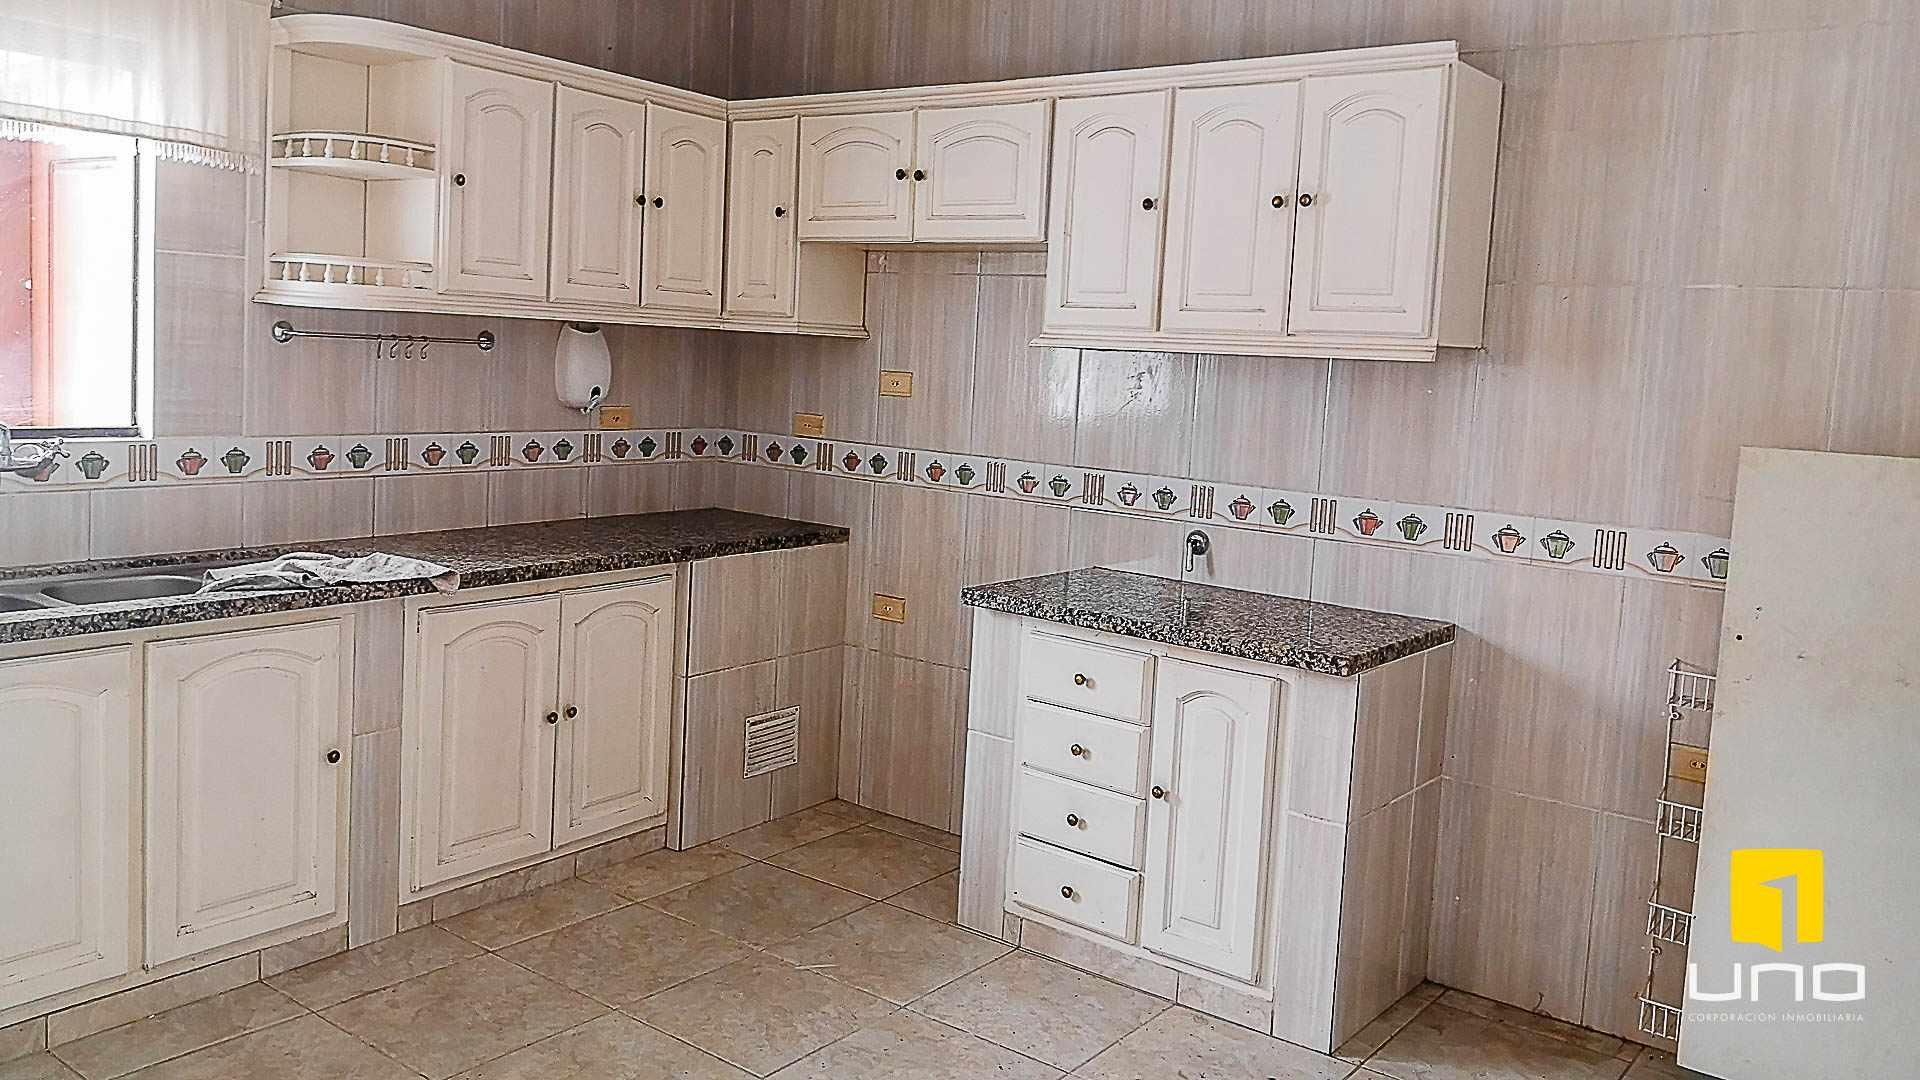 Casa en Venta $us 150.000 VENDO CASA AV ALEMANA DENTRO 3ER ANILLO TIPO DUPLEX Foto 11